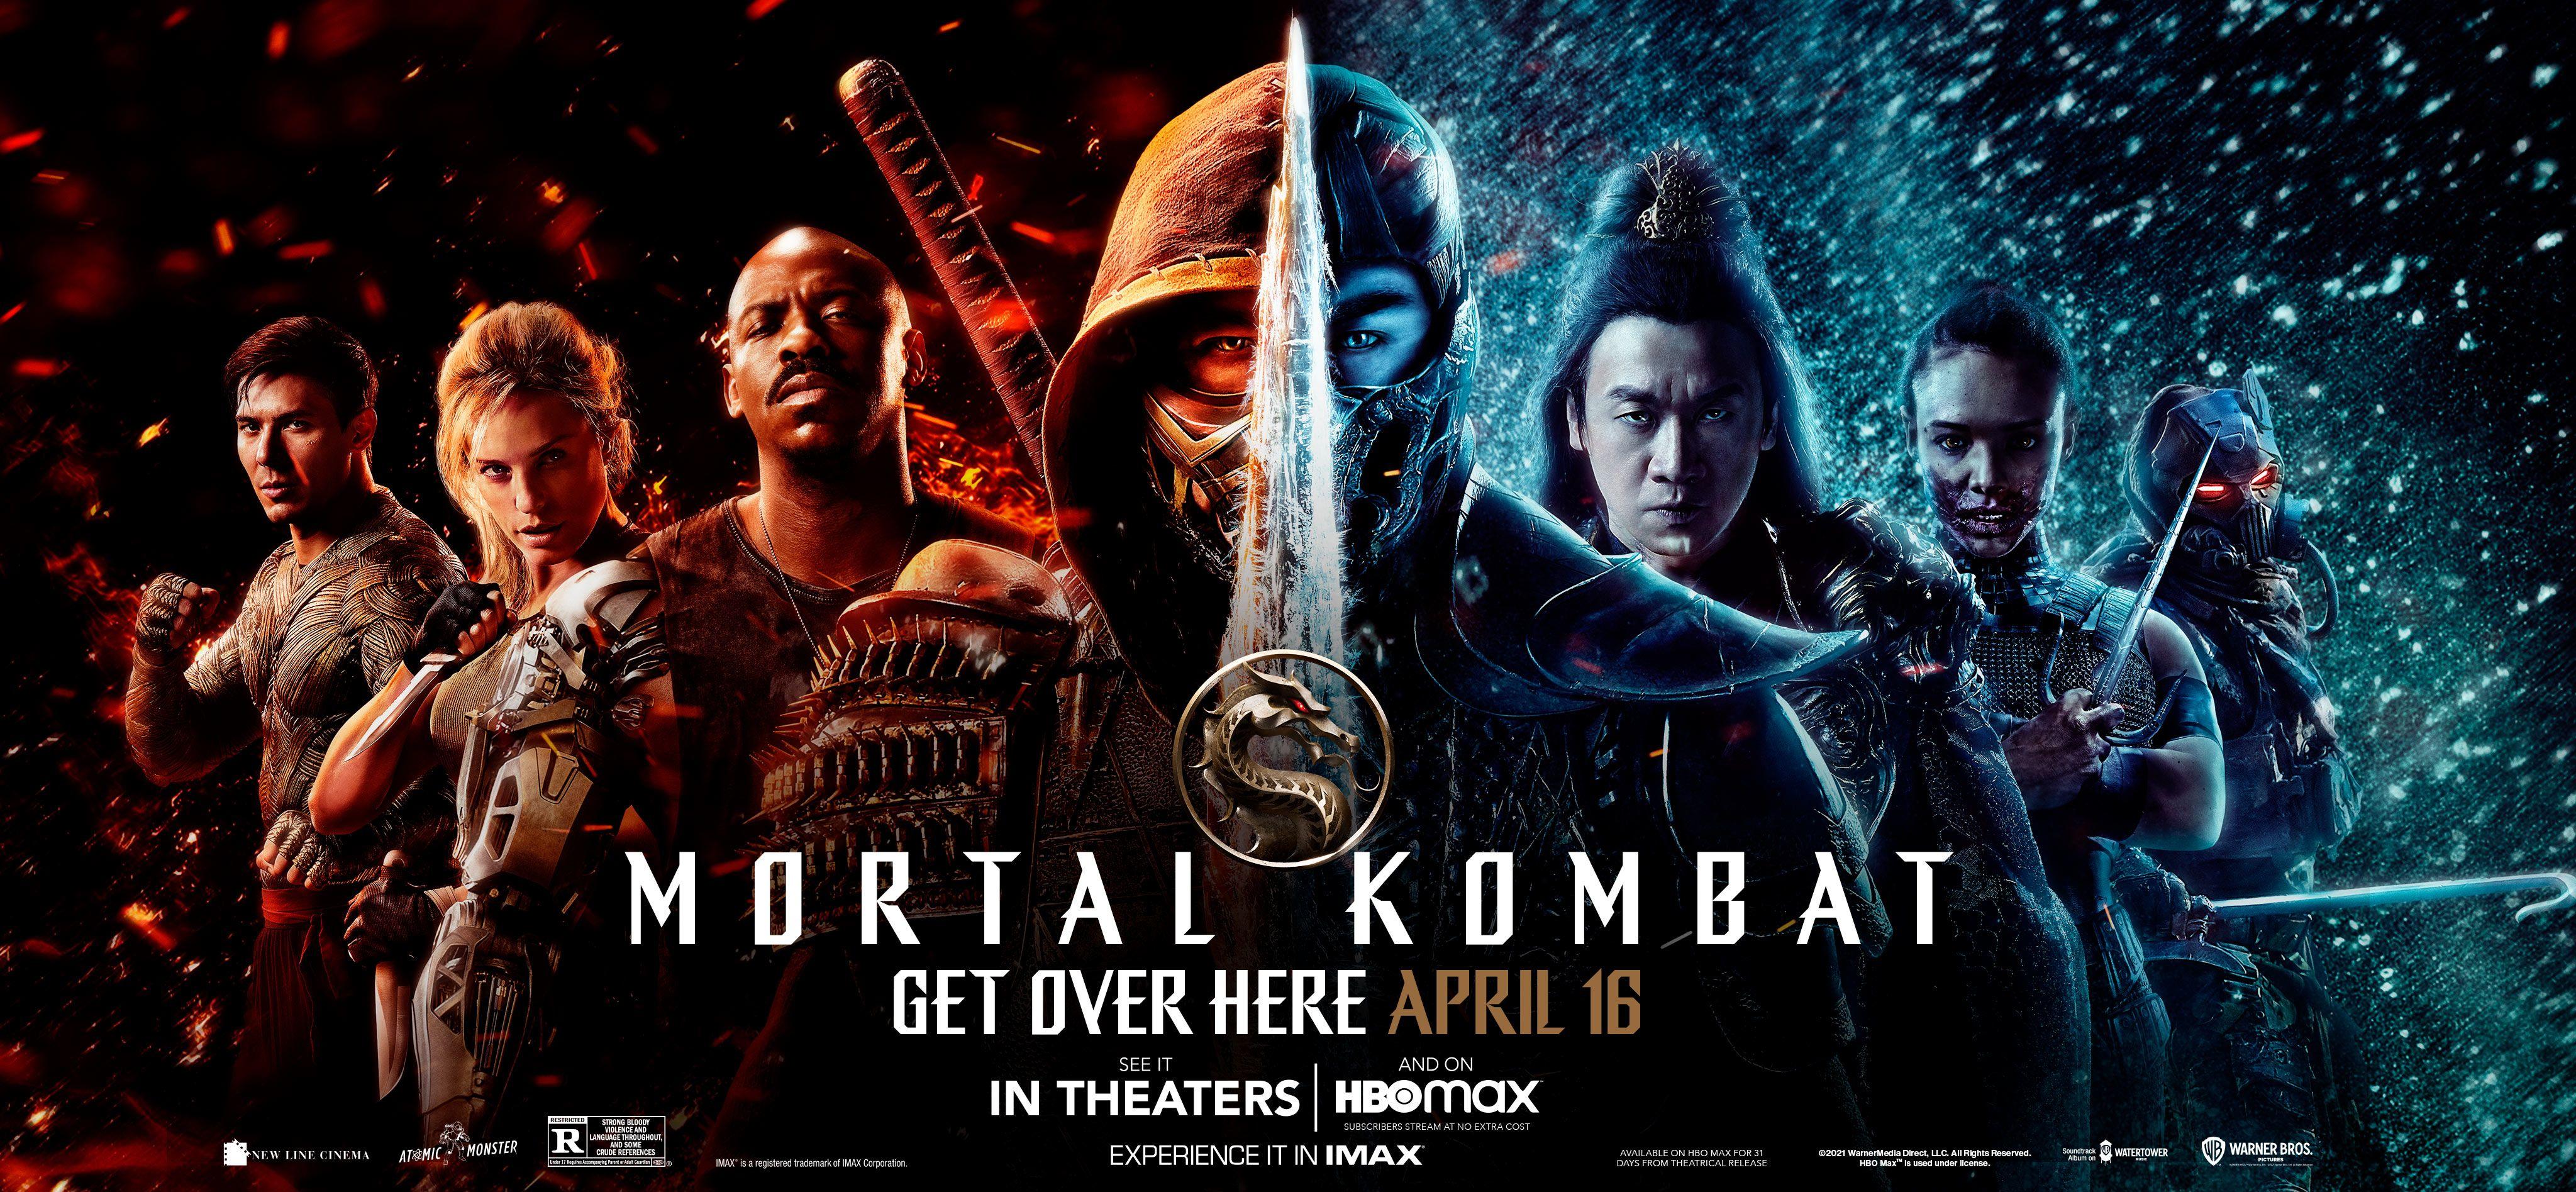 Mortal Kombat, reacción de los fans al trailer sin censura